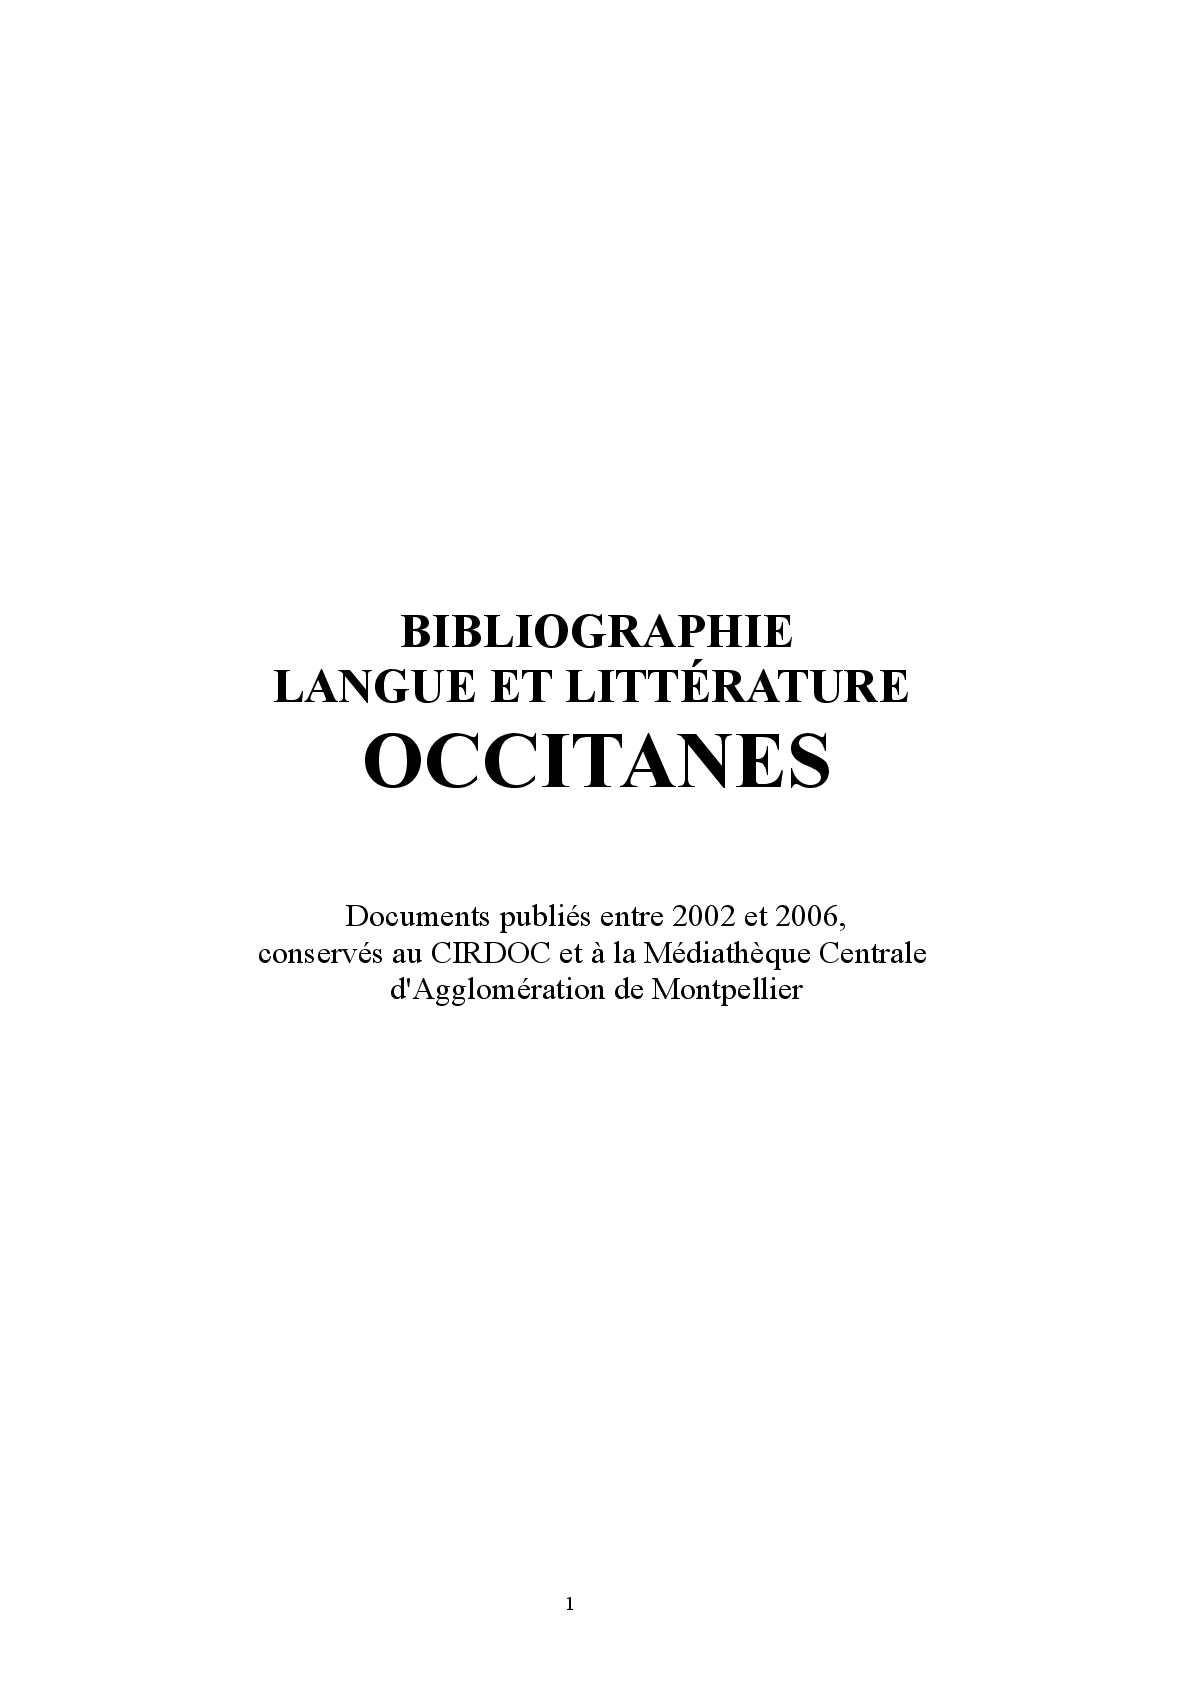 Calameo Bibliographie Occitane 2002 2006